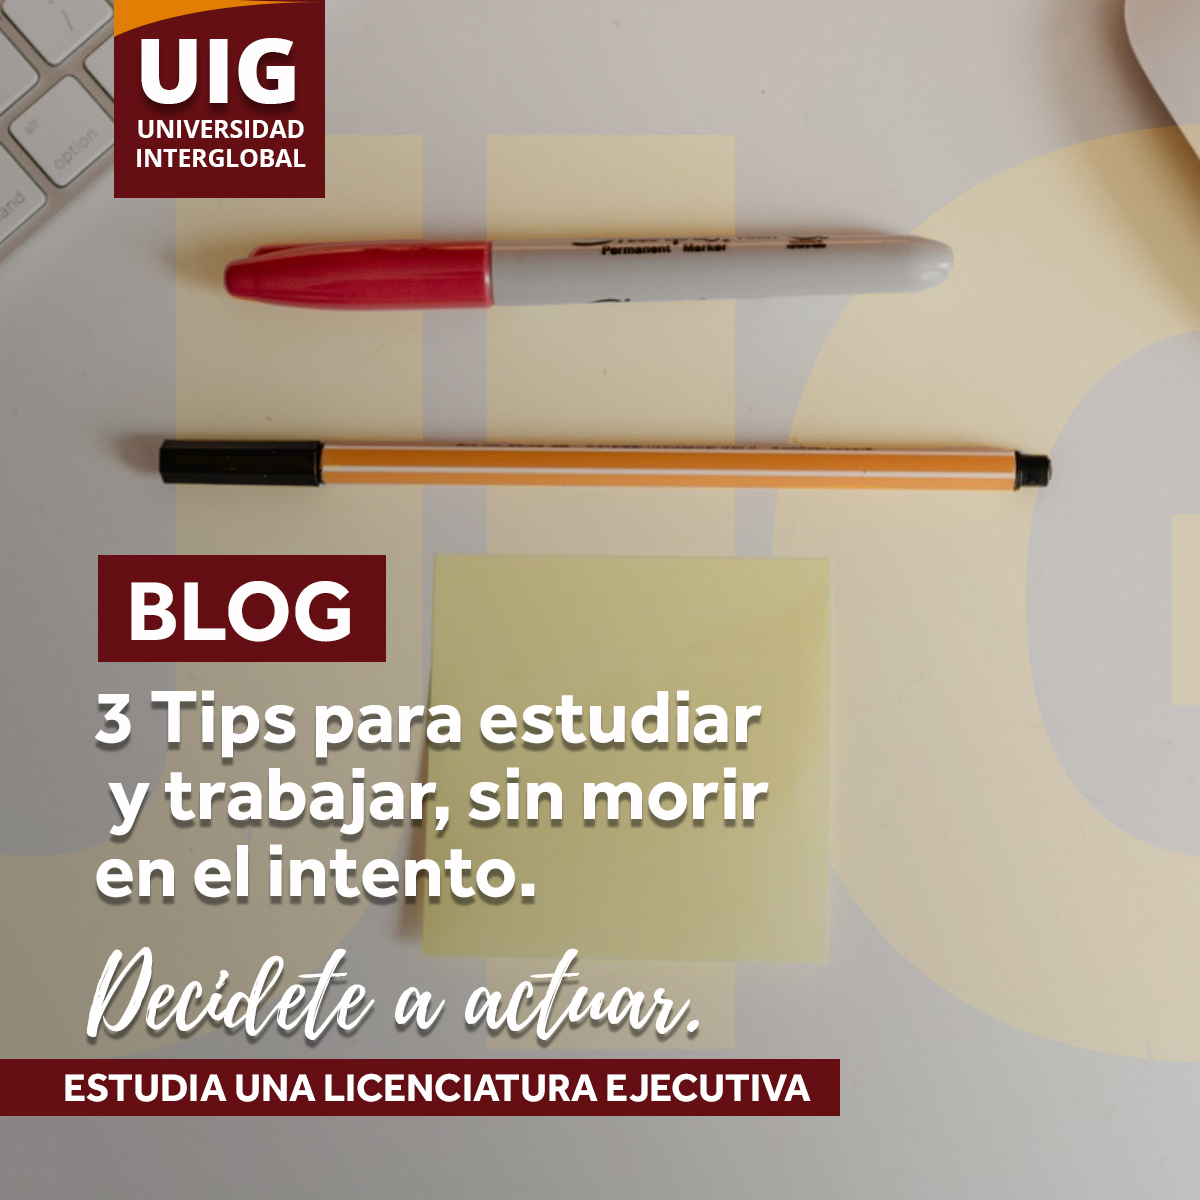 3 Tips para estudiar y trabajar, sin morir en el intento.